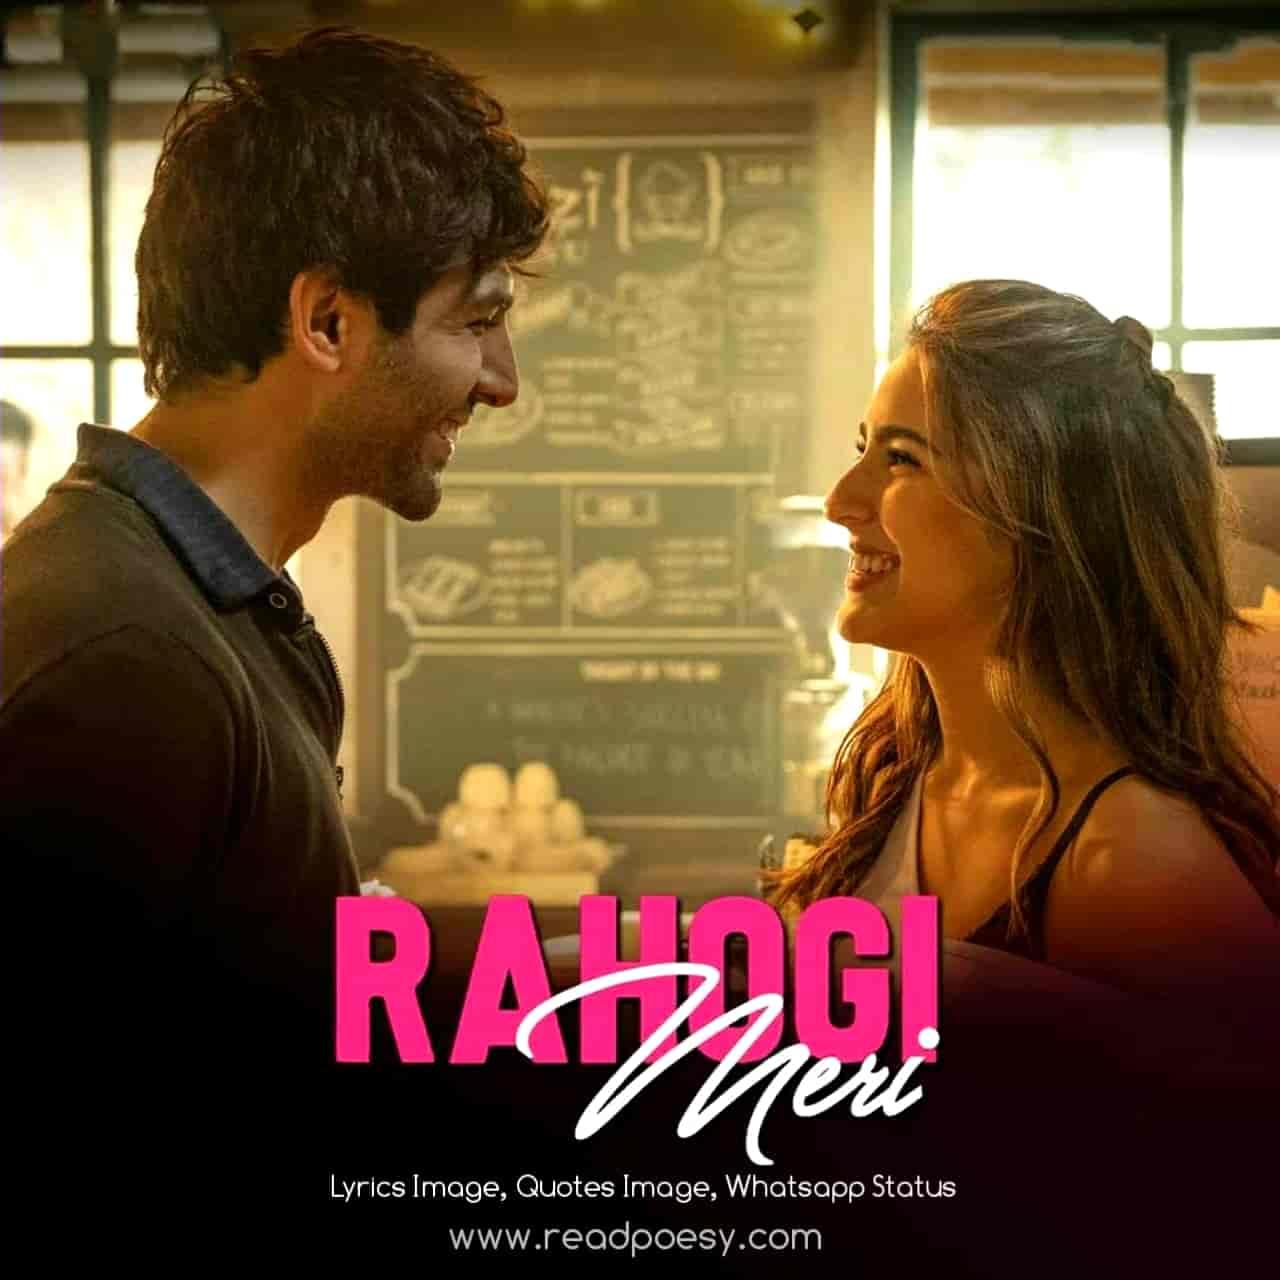 Rahogi Meri Love Song Lyrics, Sung By Arijit Singh.